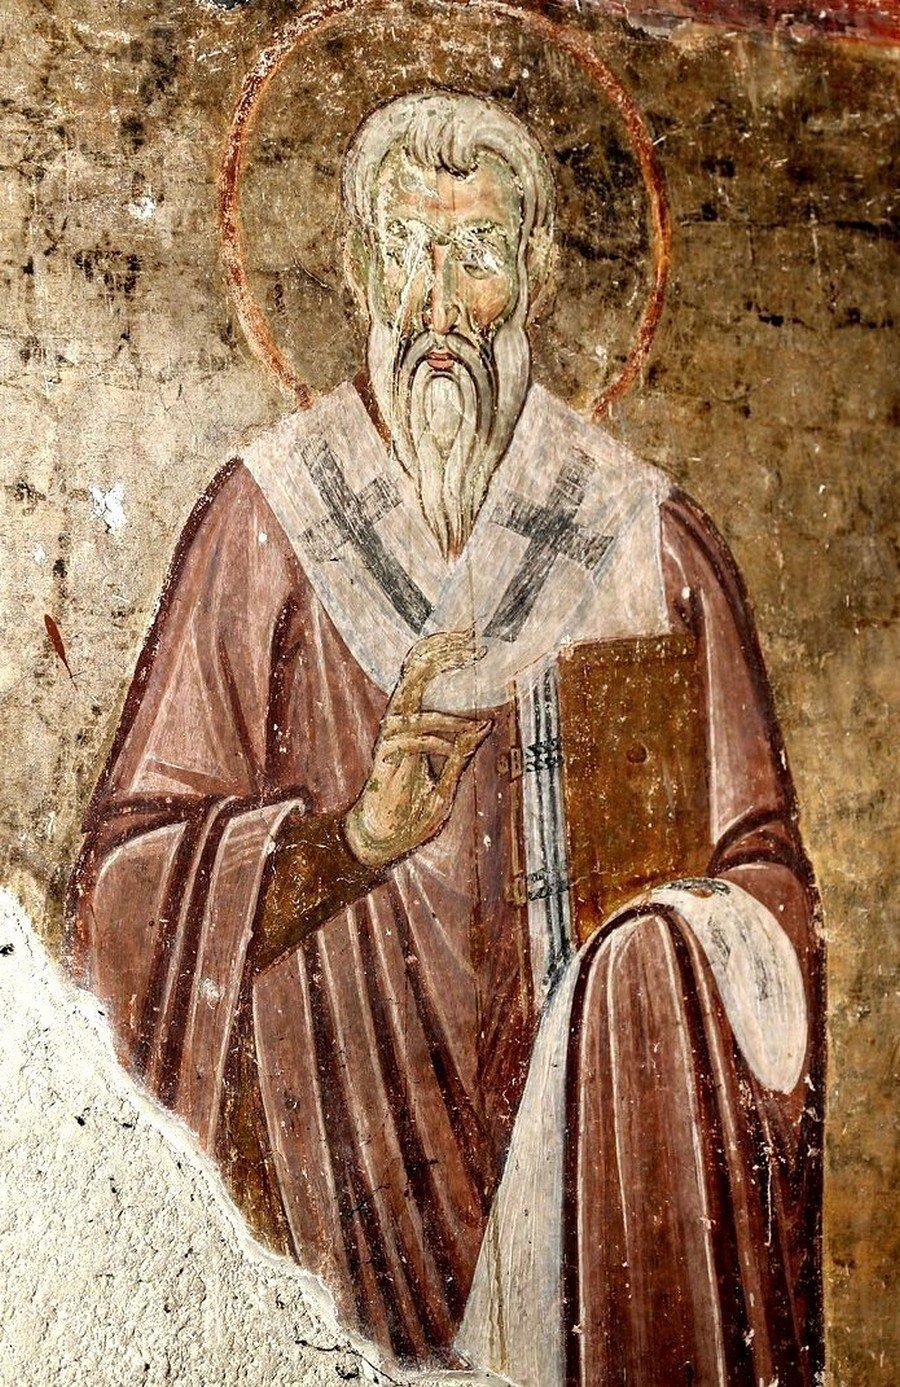 Святой Преподобный Ахиллий, Епископ Ларисийский. Фреска церкви Вознесения Господня в монастыре Милешева (Милешево), Сербия. XIII век.